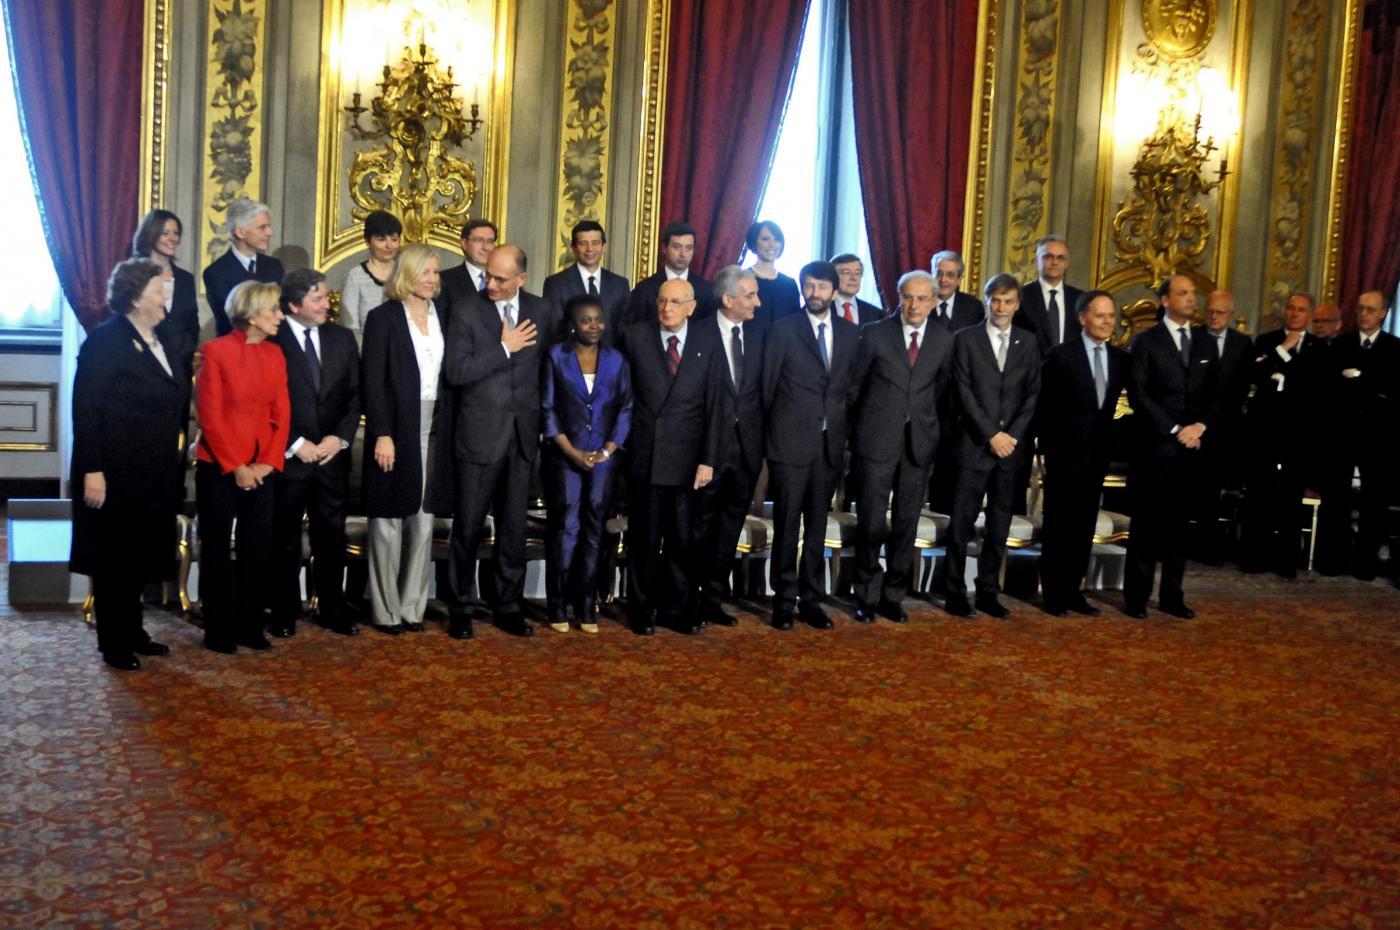 Governo di larghe intese o grande coalizione: cosa significa